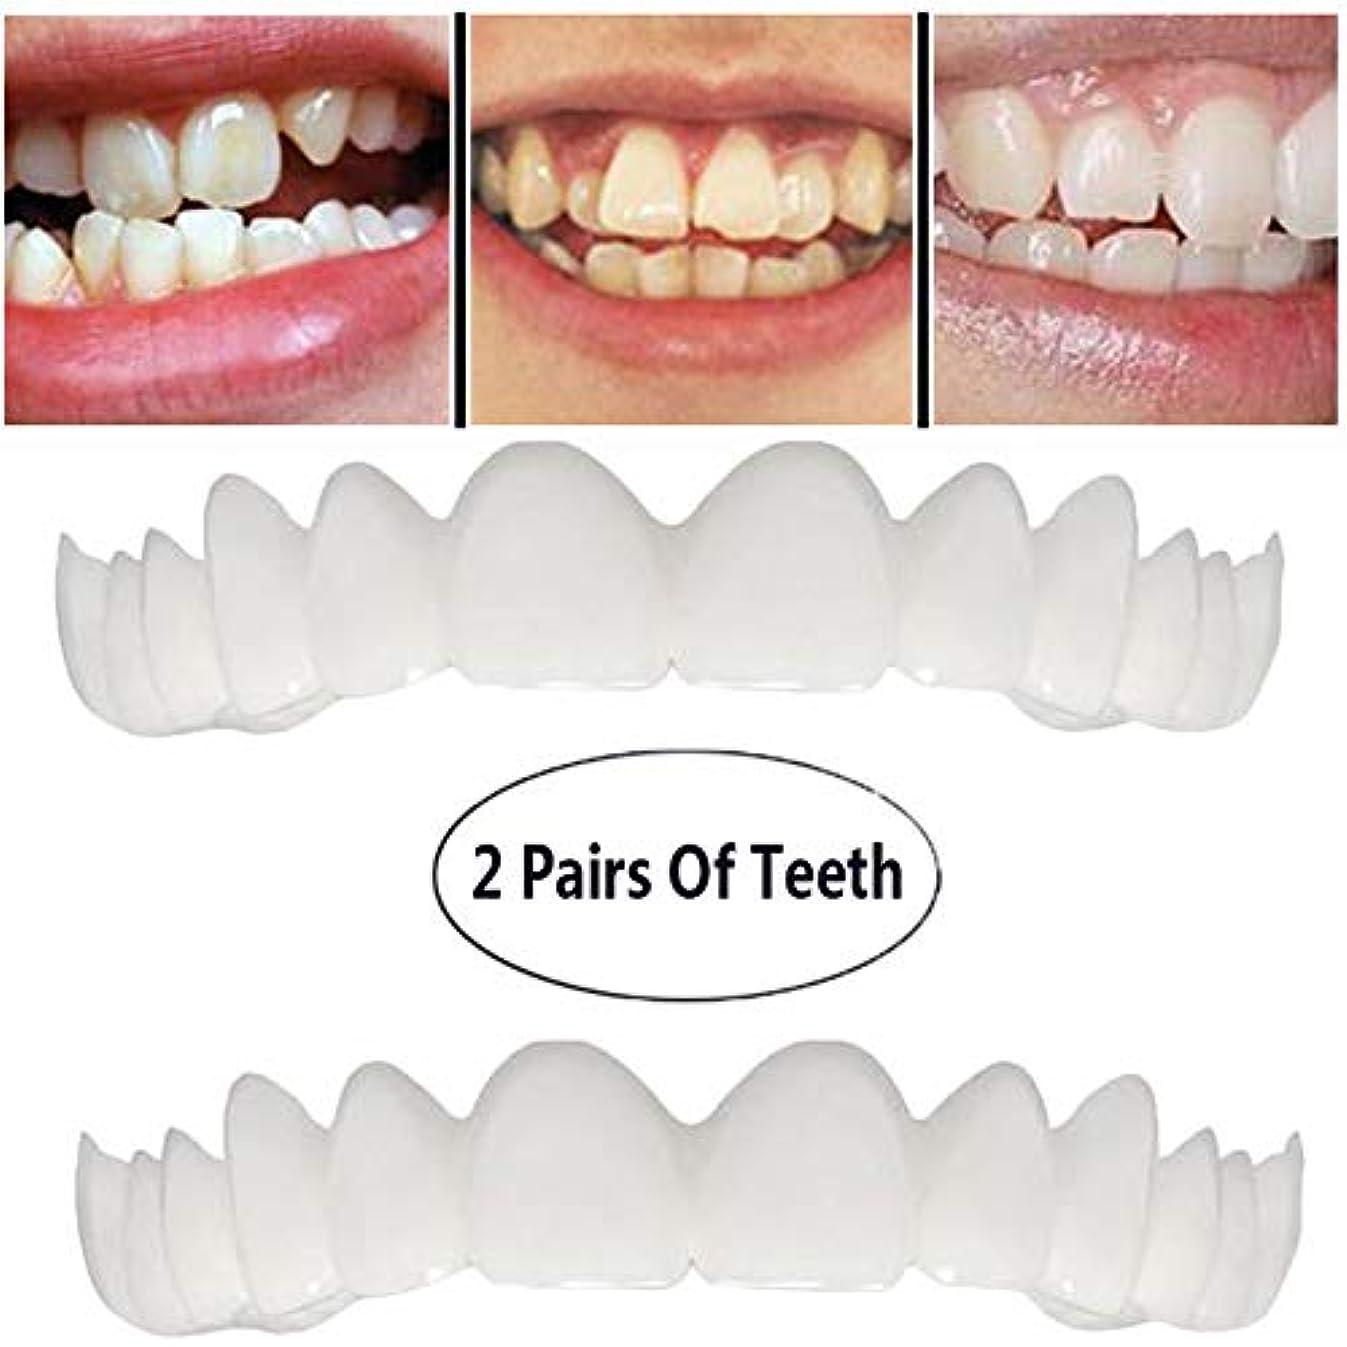 自発的新しさ不安定歯を白くする歯の2組は、柔軟な歯突き板+下括弧のために快適な完璧な笑顔をカバー